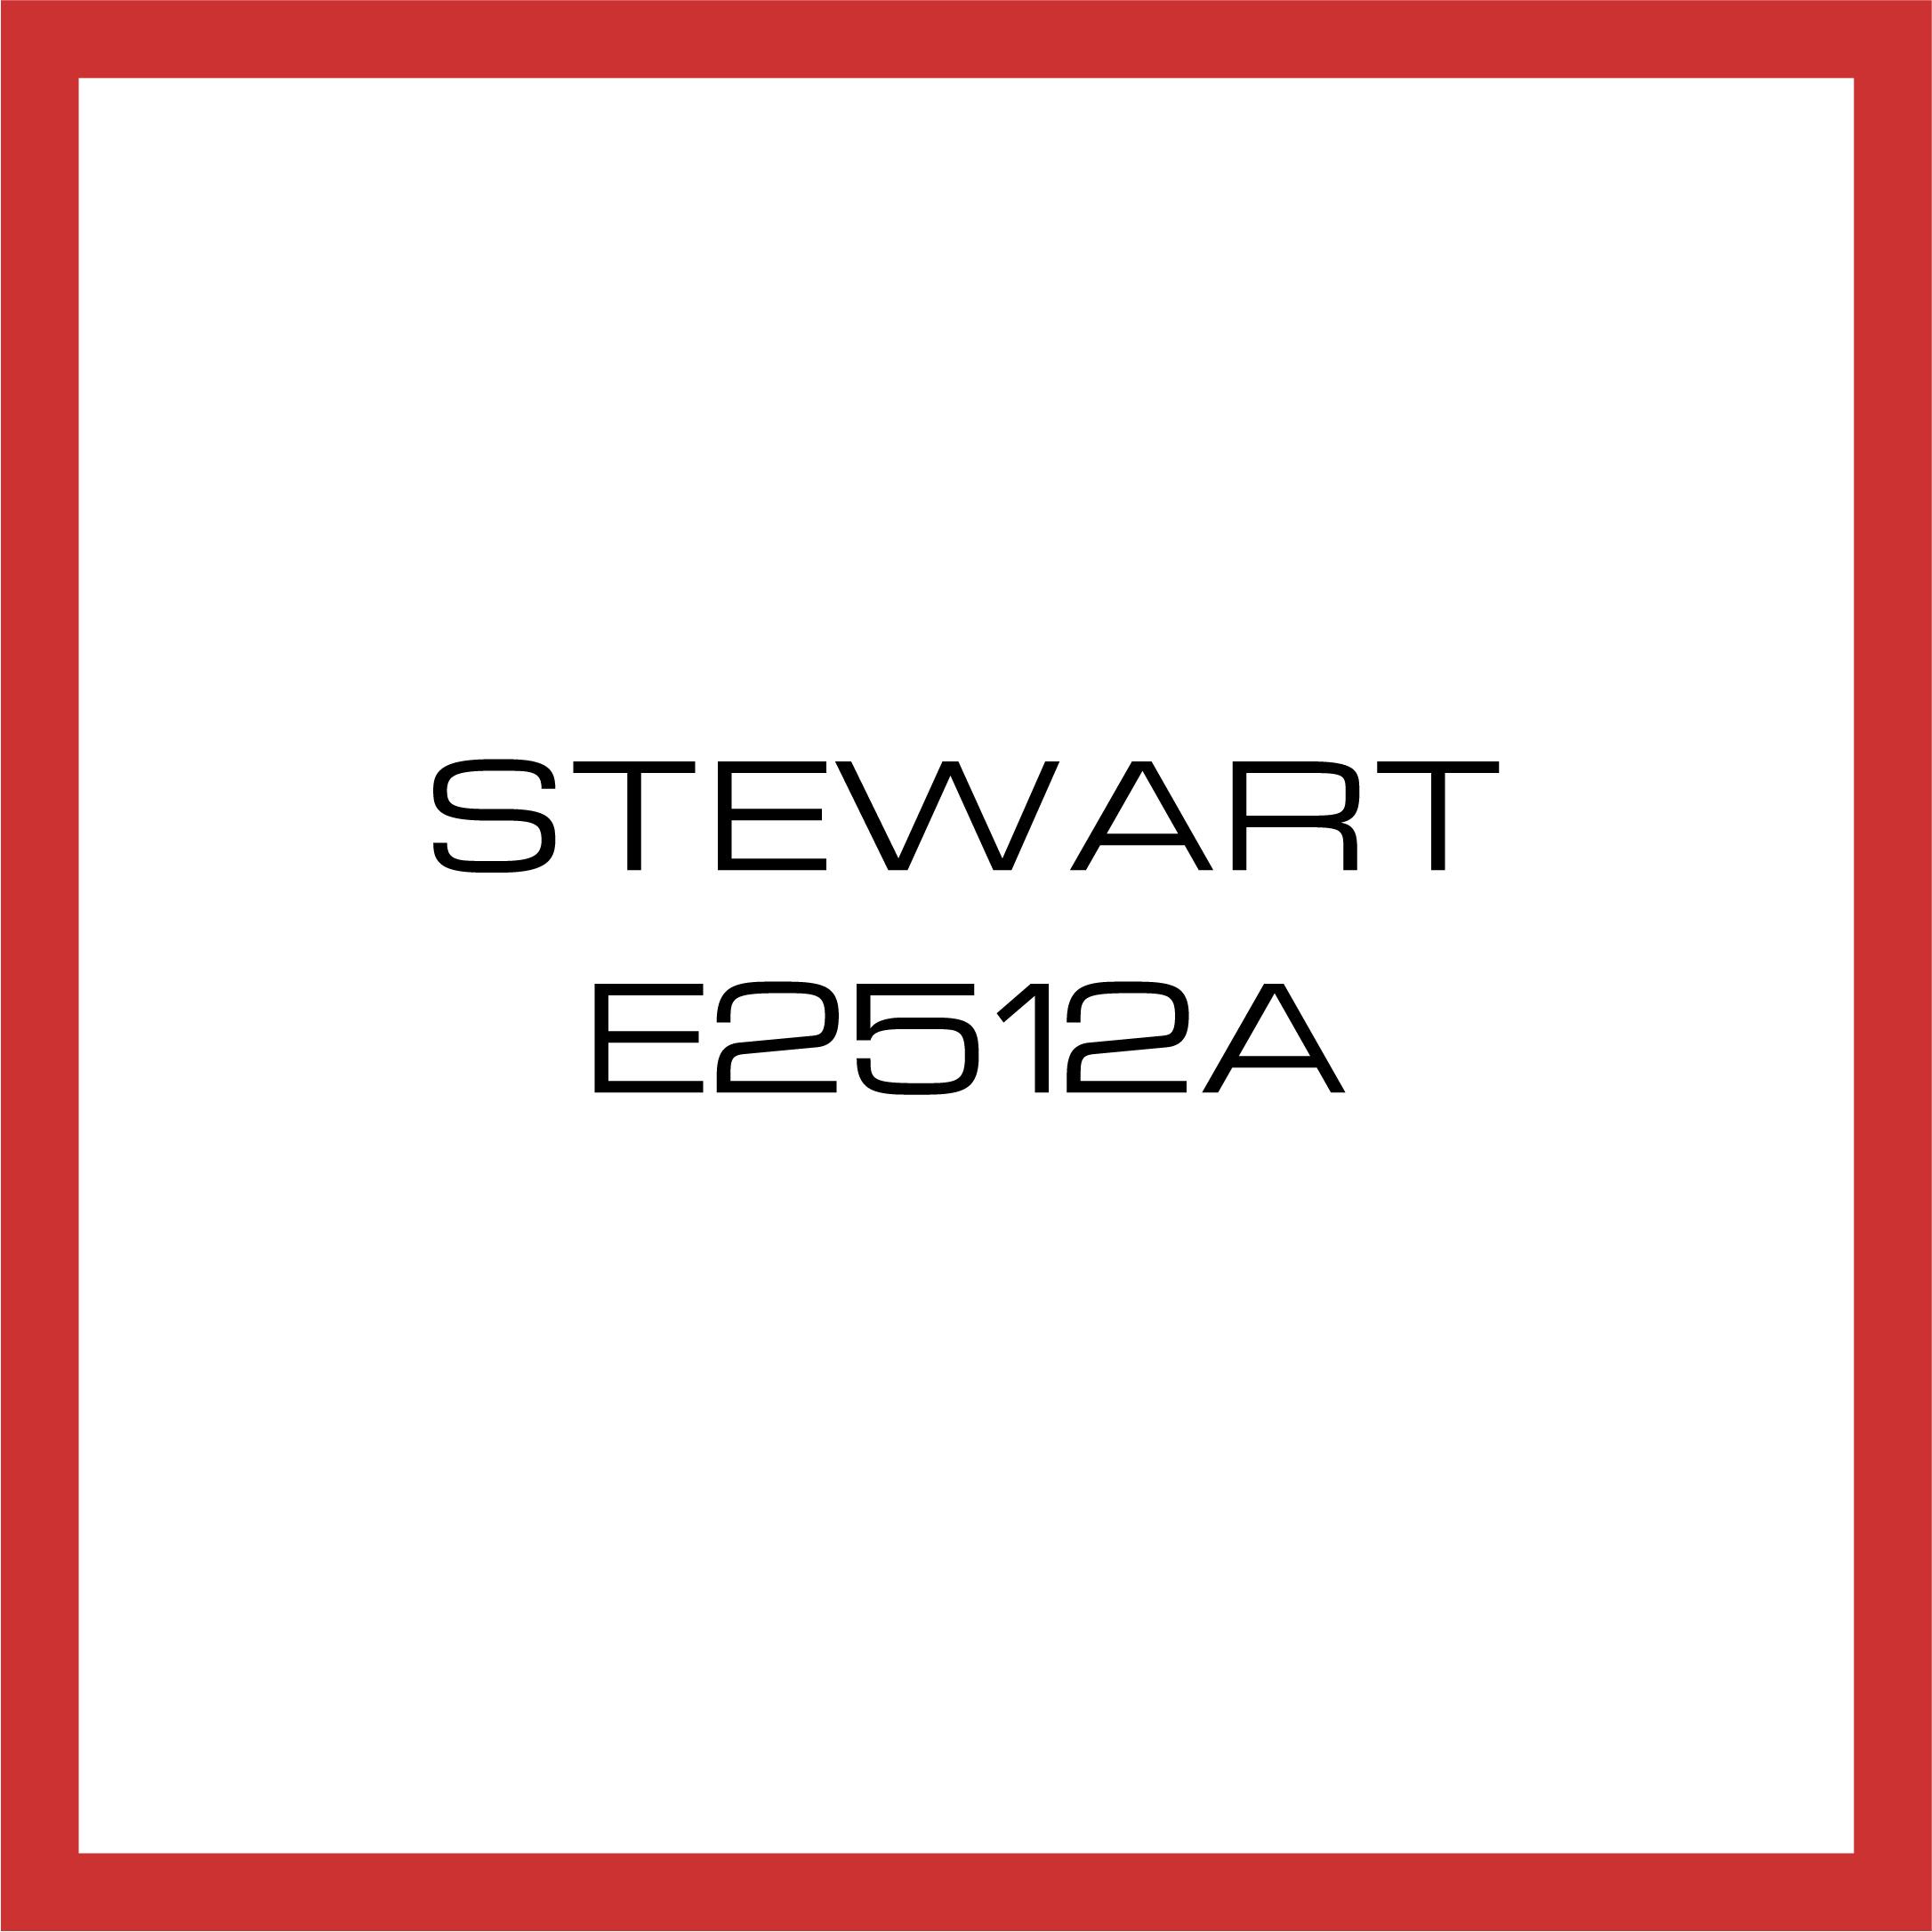 Stewart E2512A